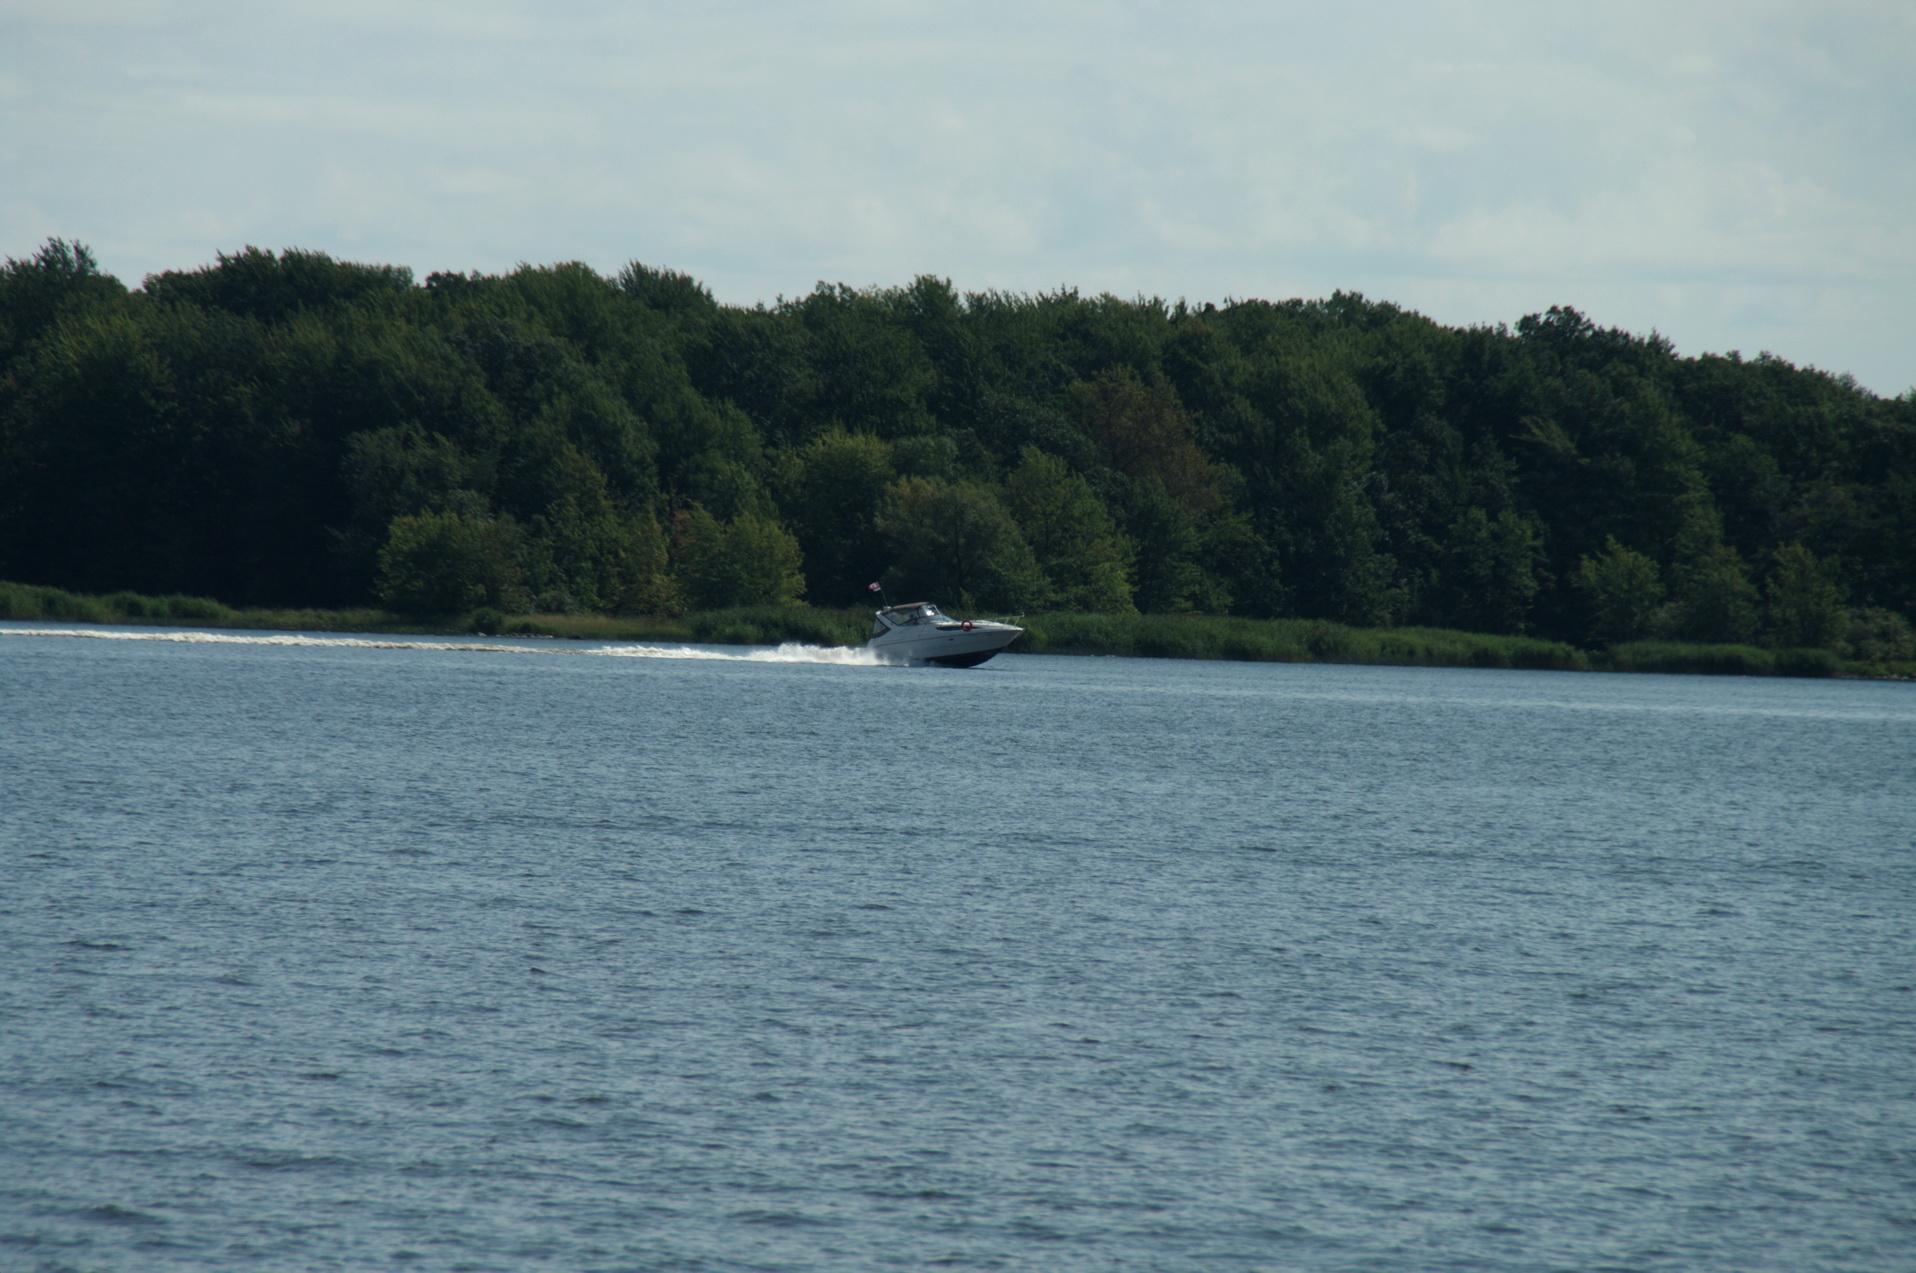 Le Yacht Club de Baie d'Urfé a été fondé en 1959 par Frank Booth et Miles Wisenthal